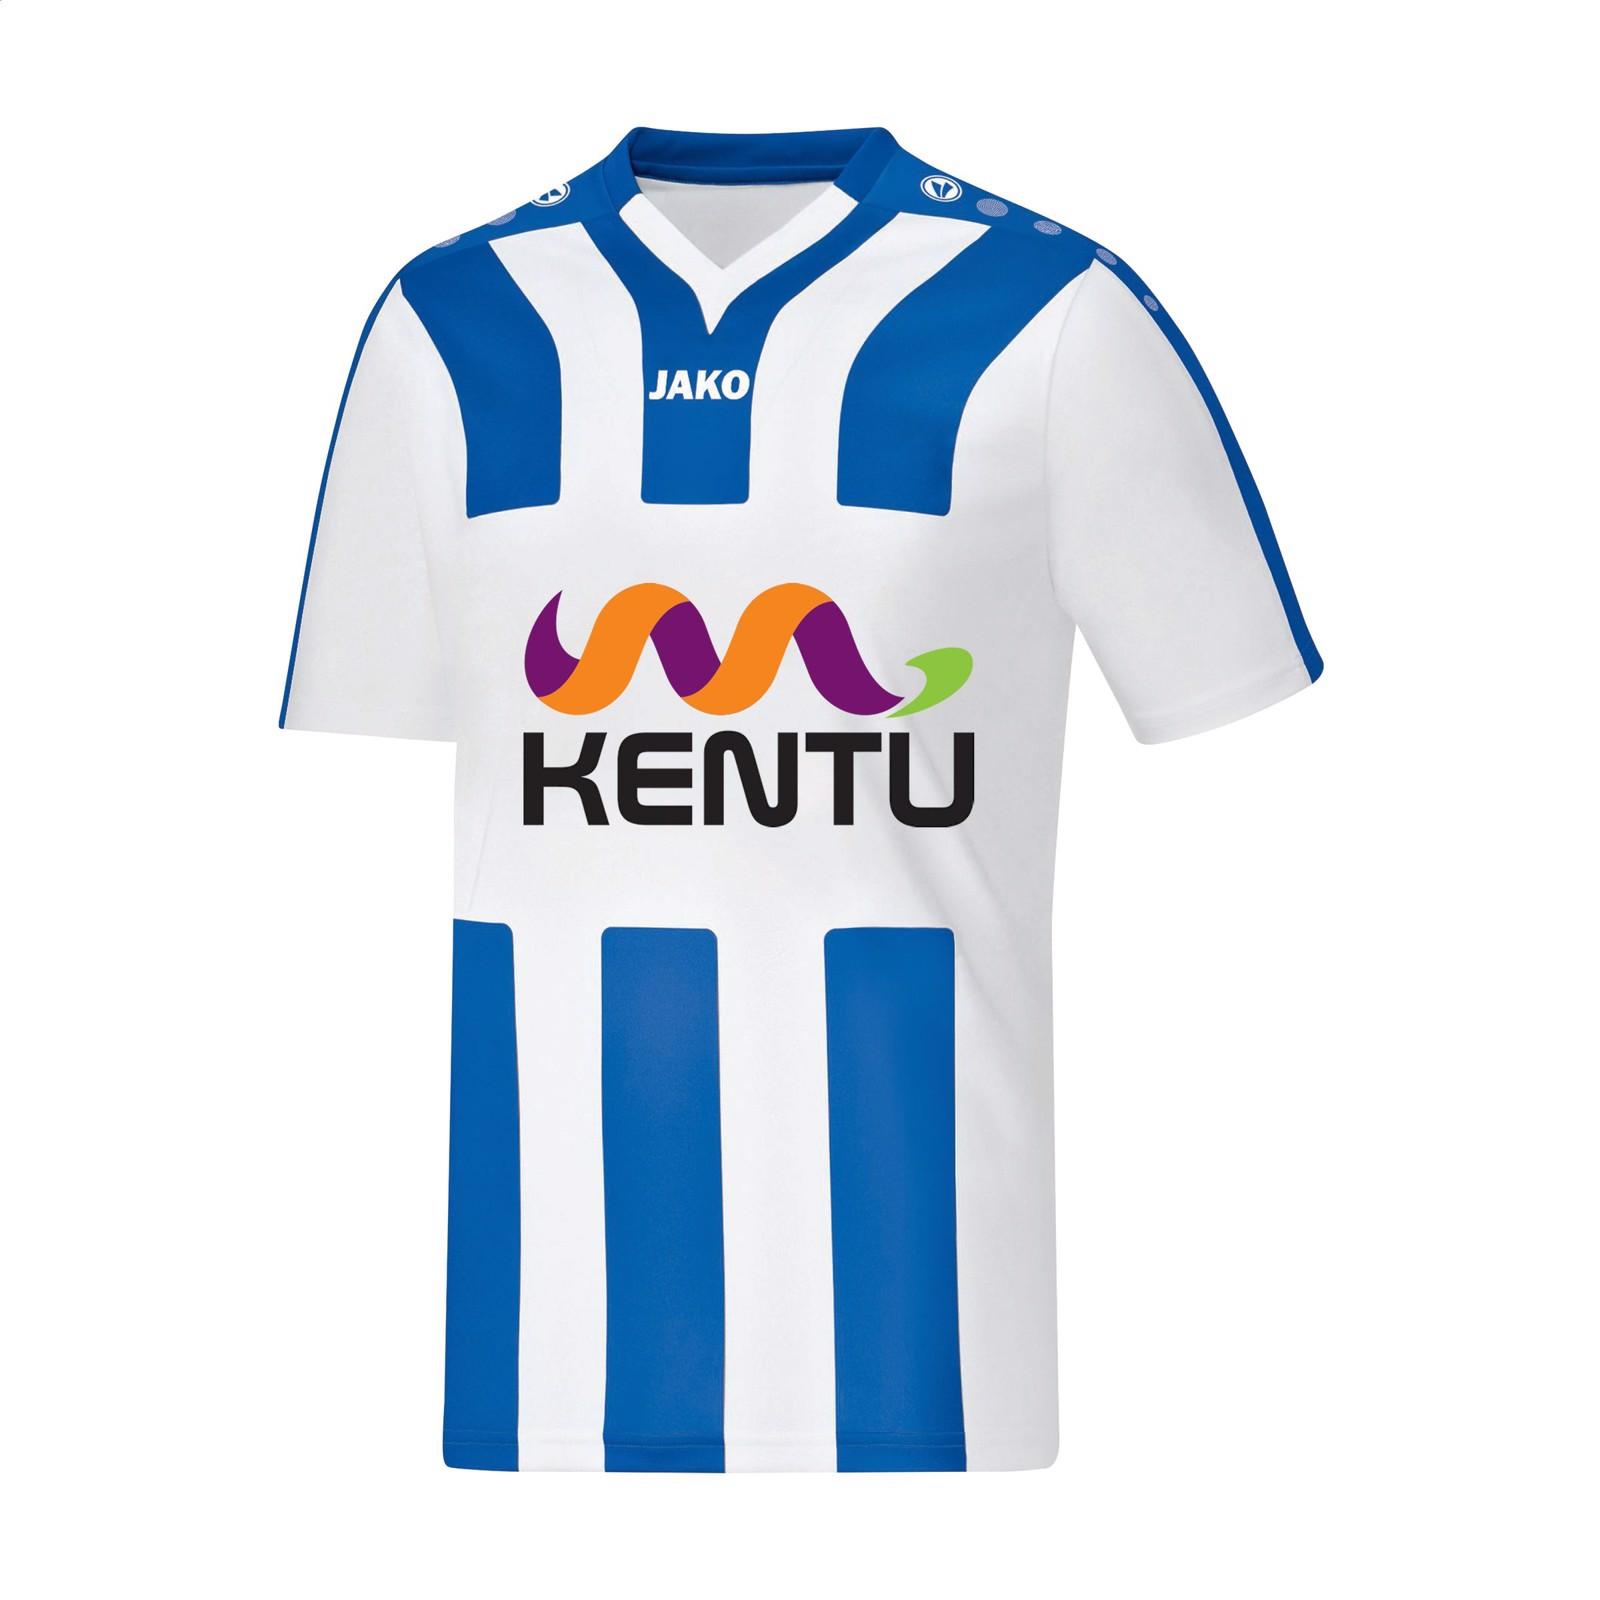 Jako® Shirt Santos KM mens sportshirt - White / Royal Blue / S